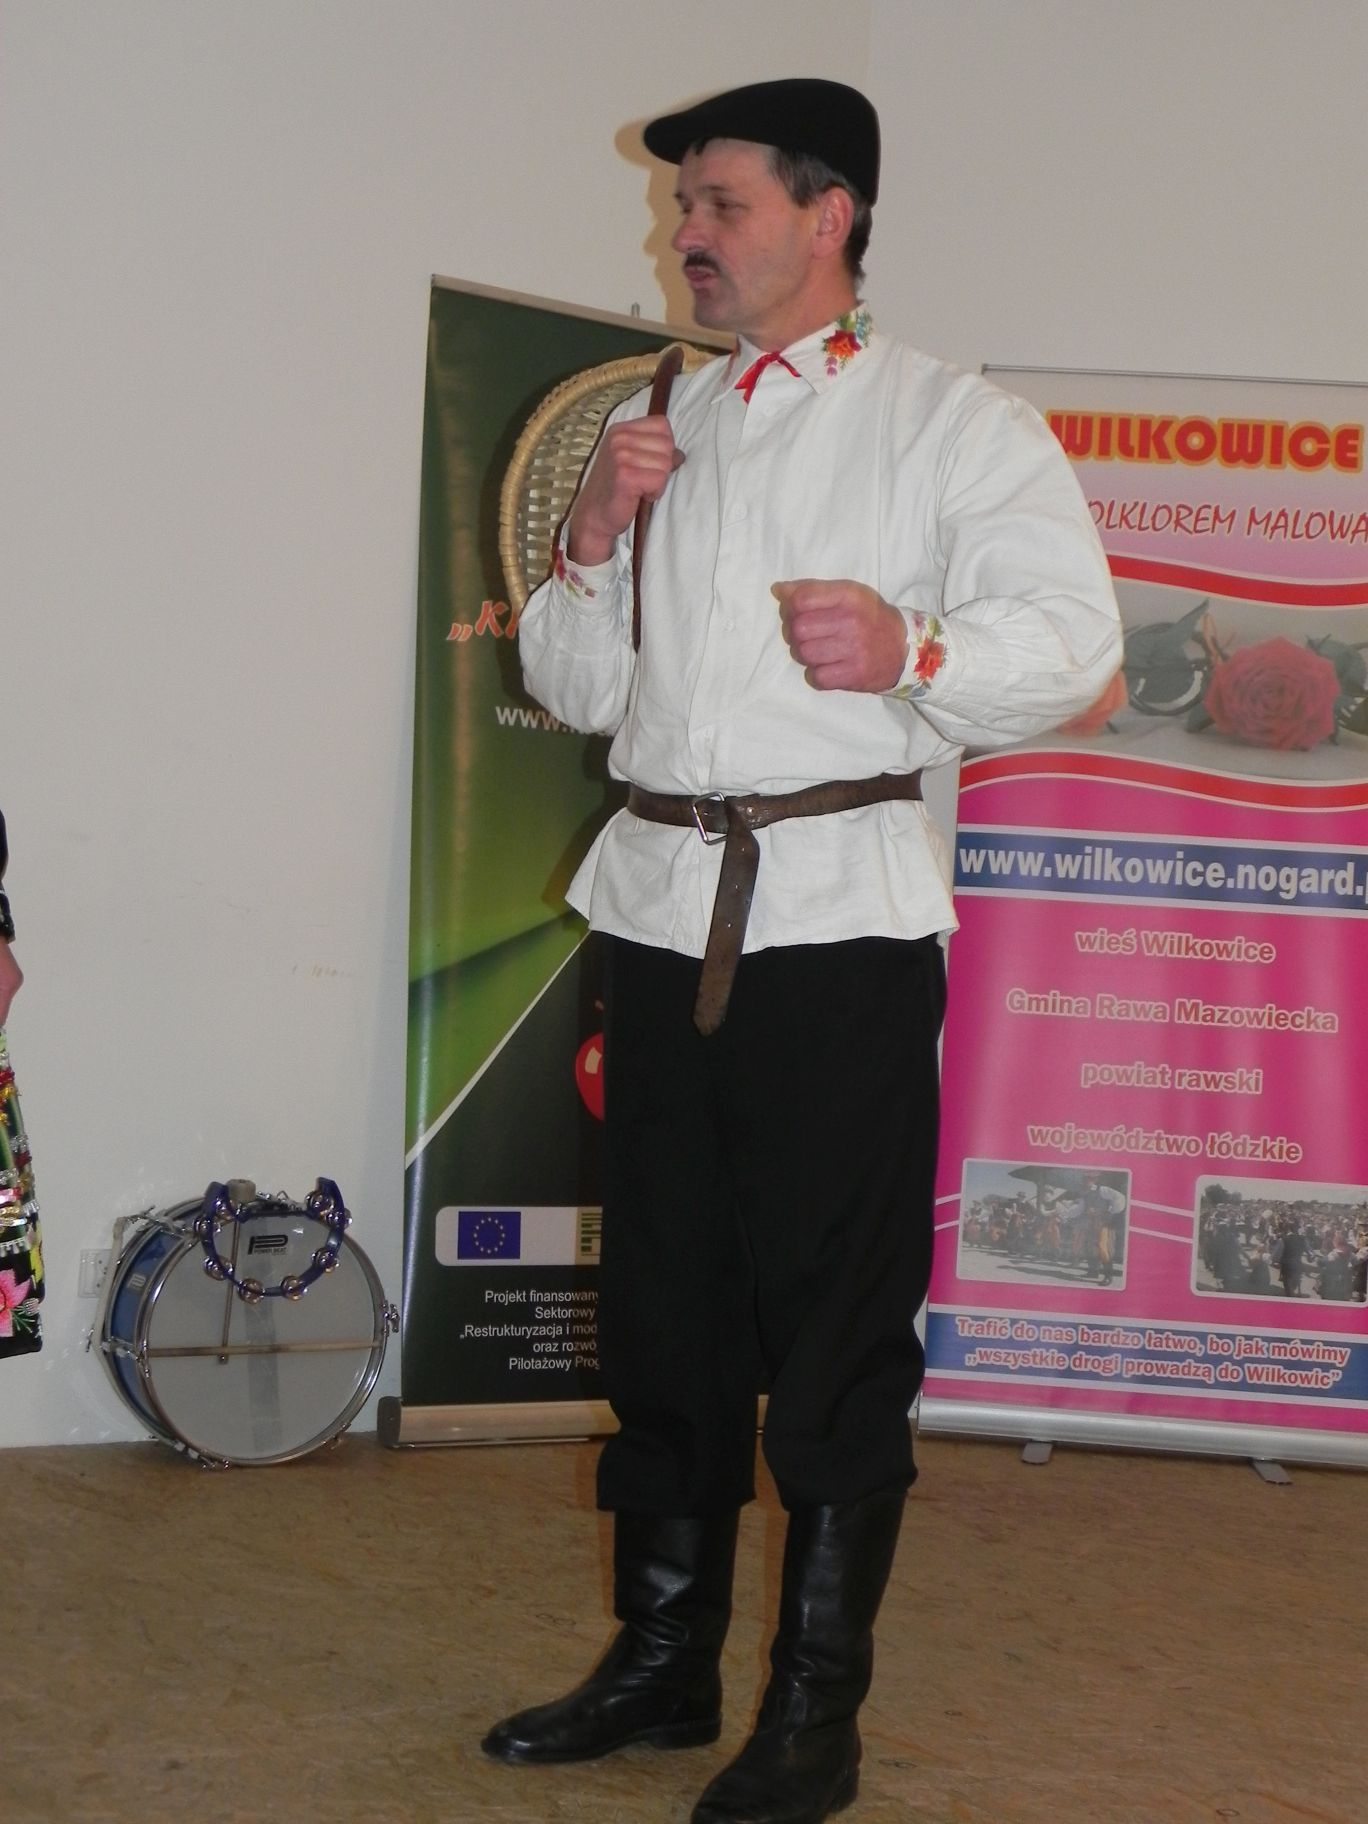 2012-12-14 Wilkowice - Konferencja Wioski tematyczne (127)